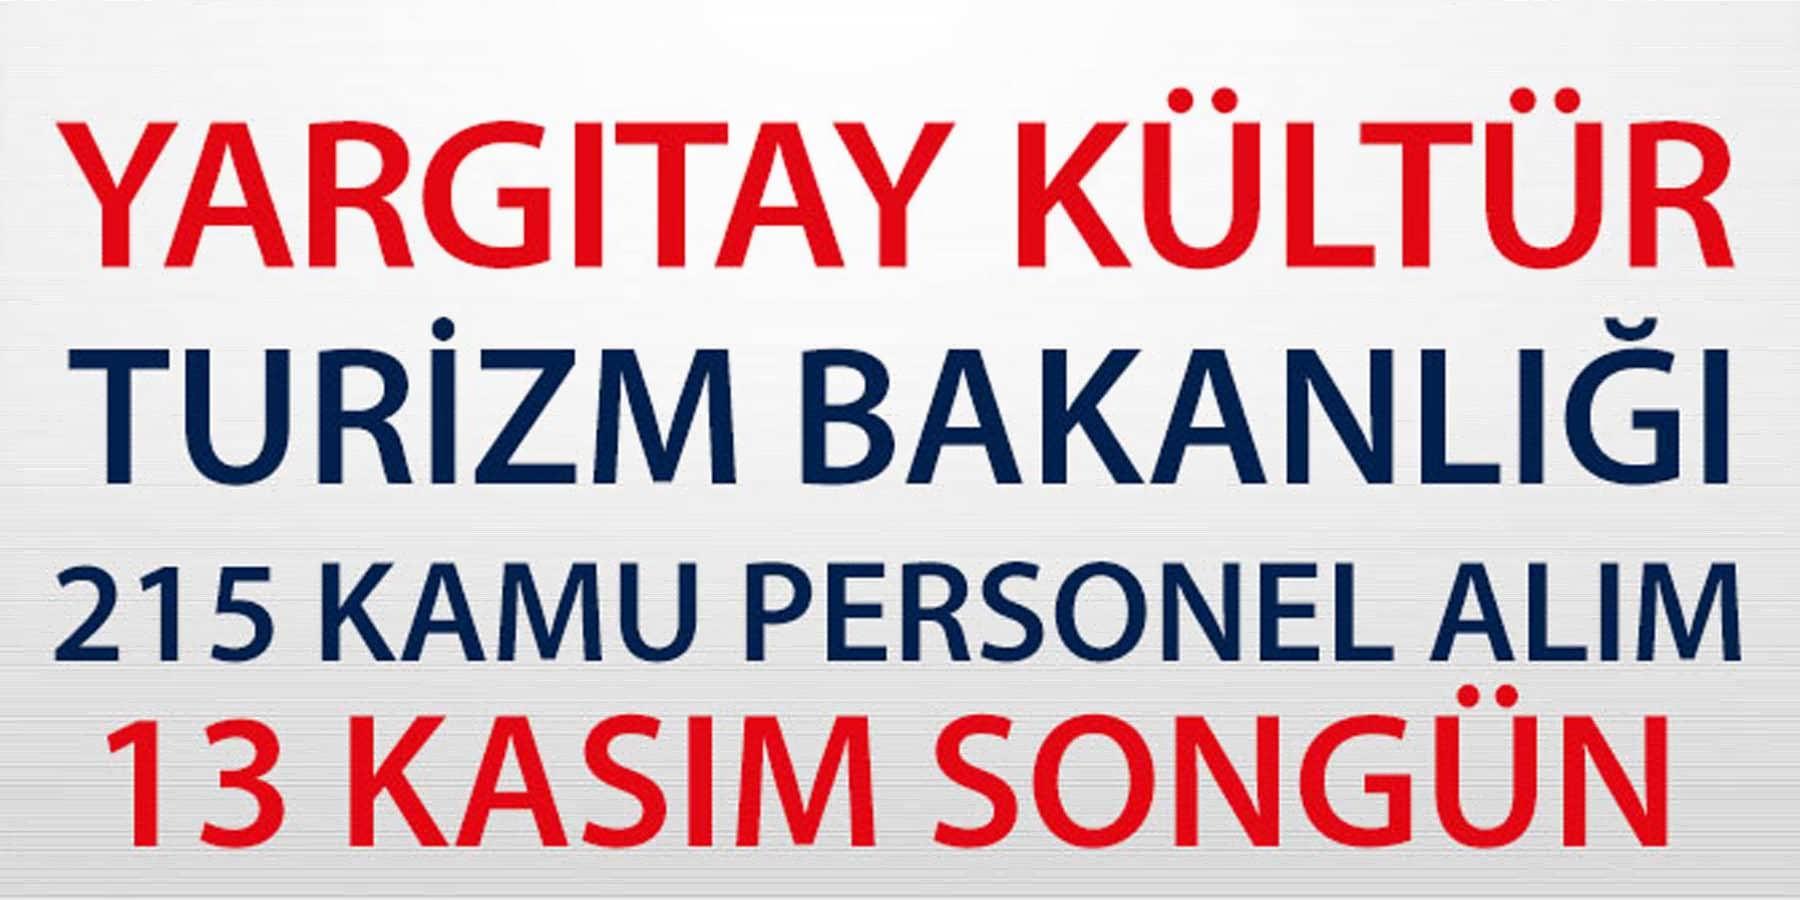 Yargıtay ve Turizm Kültür Bakanlığı KPSS' Siz 215 Kamu Personeli Alımı